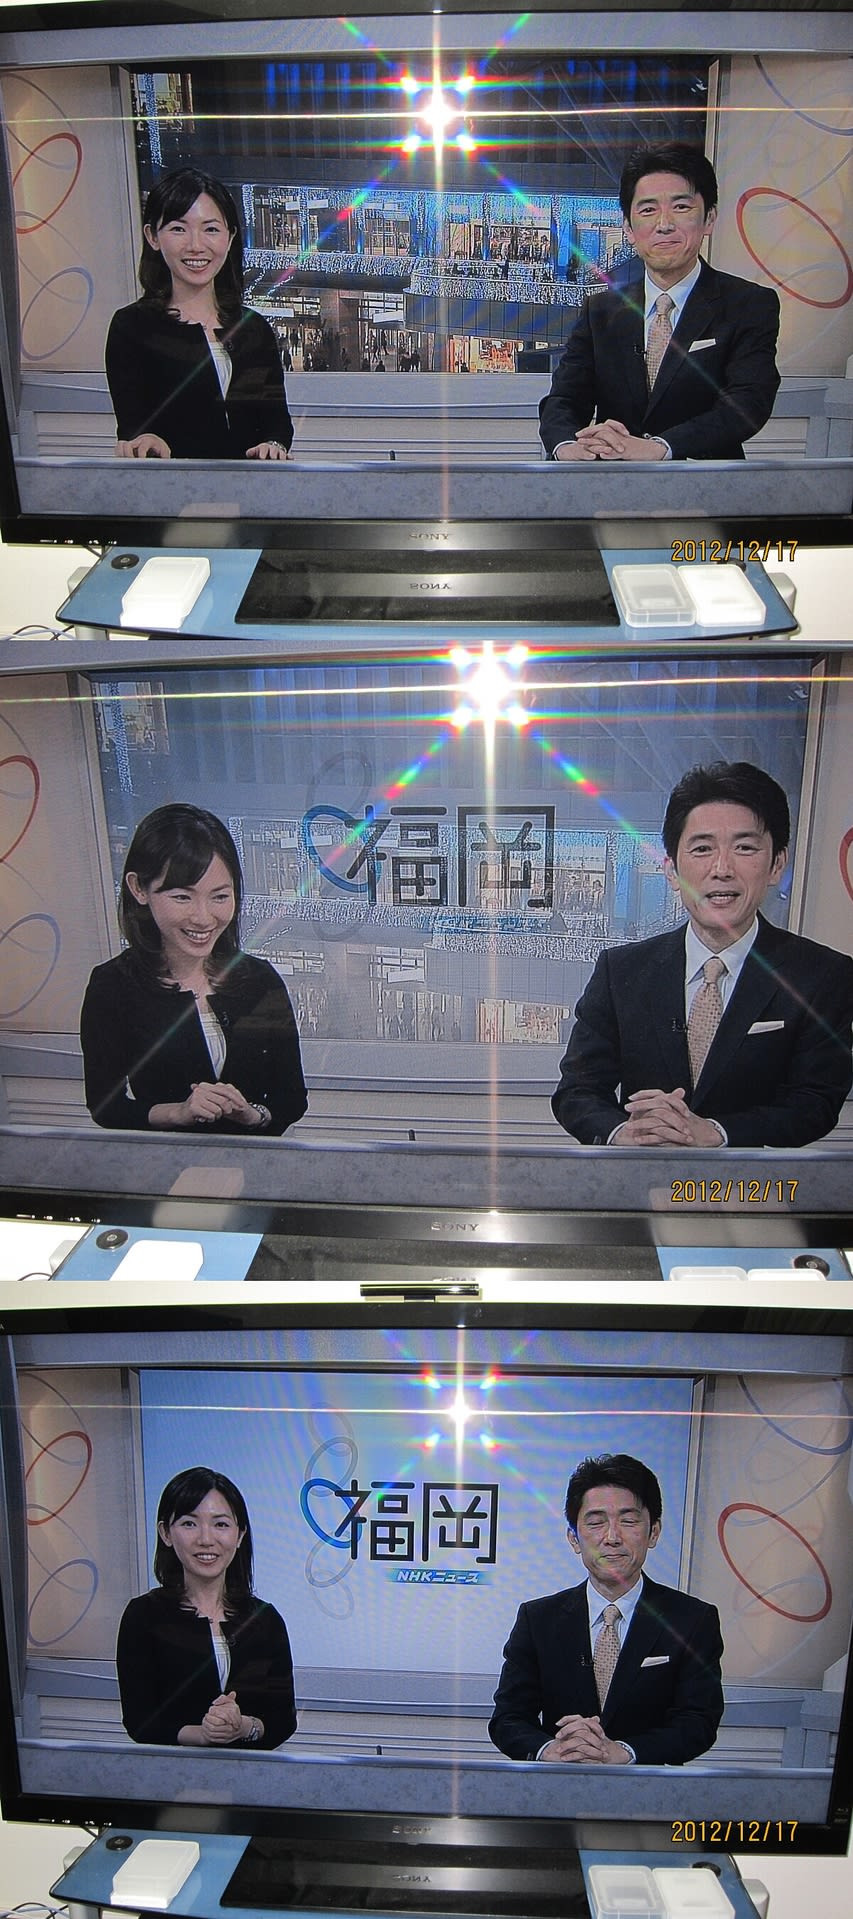 佐々木理恵 (NHK福岡)の画像 p1_40